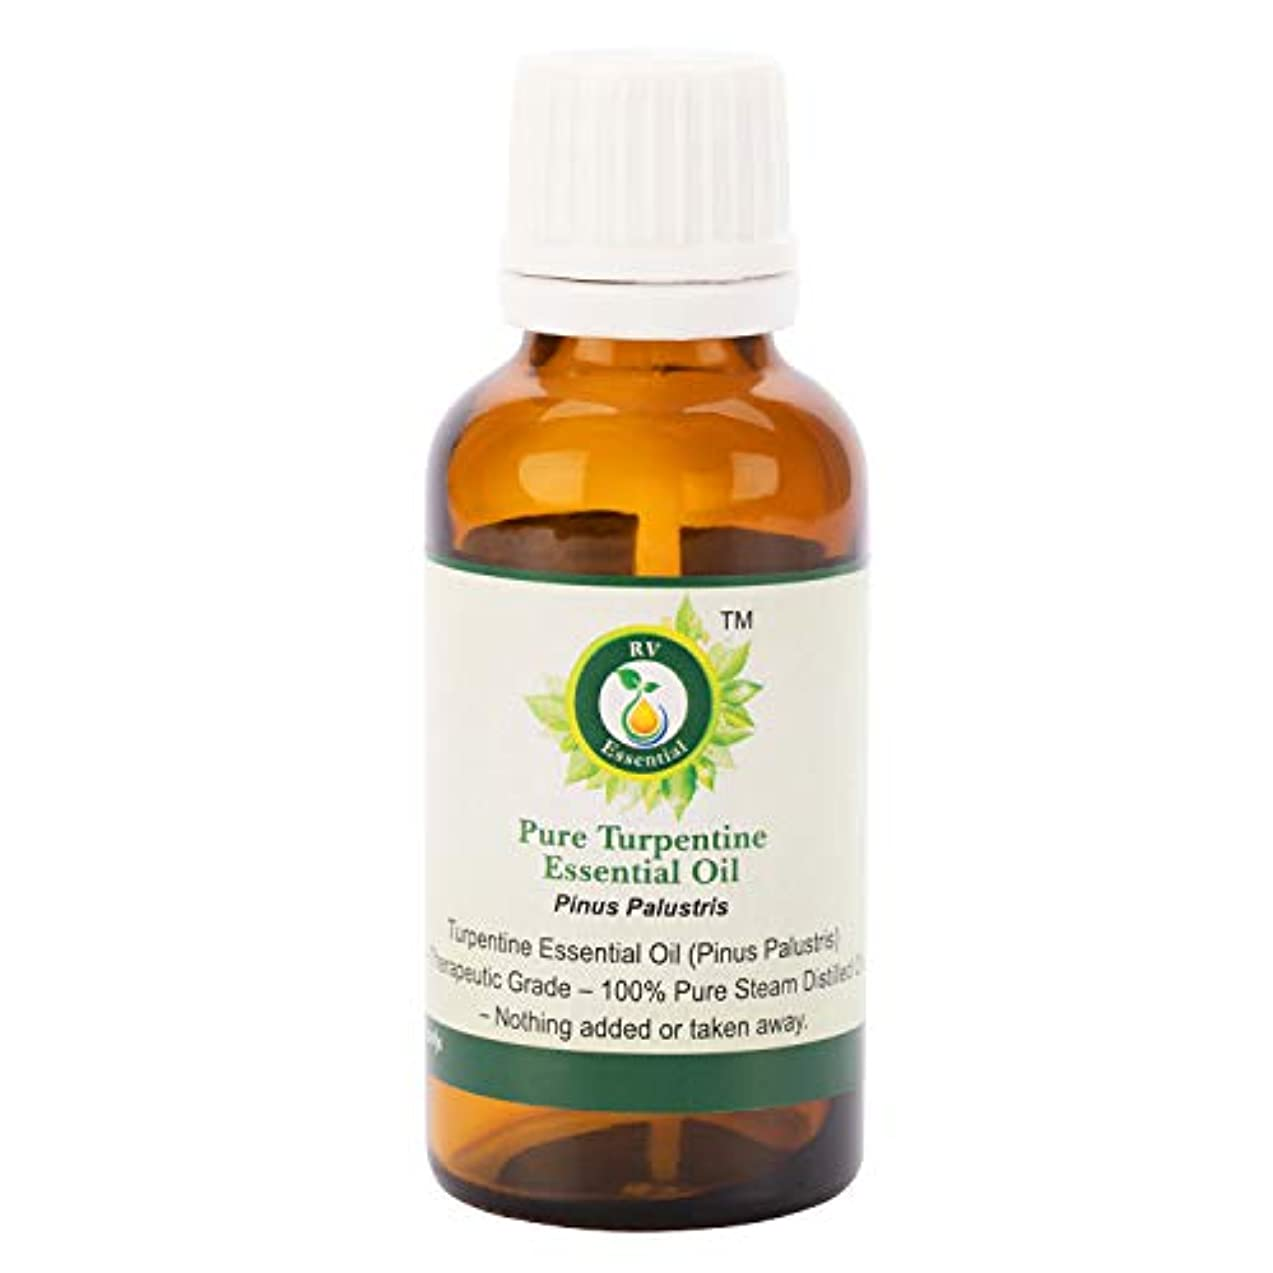 くさび受け継ぐ紛争純粋なターペンタイン精油30ml (1.01oz)- Pinus Palustris (100%純粋&天然スチームDistilled) Pure Turpentine Essential Oil